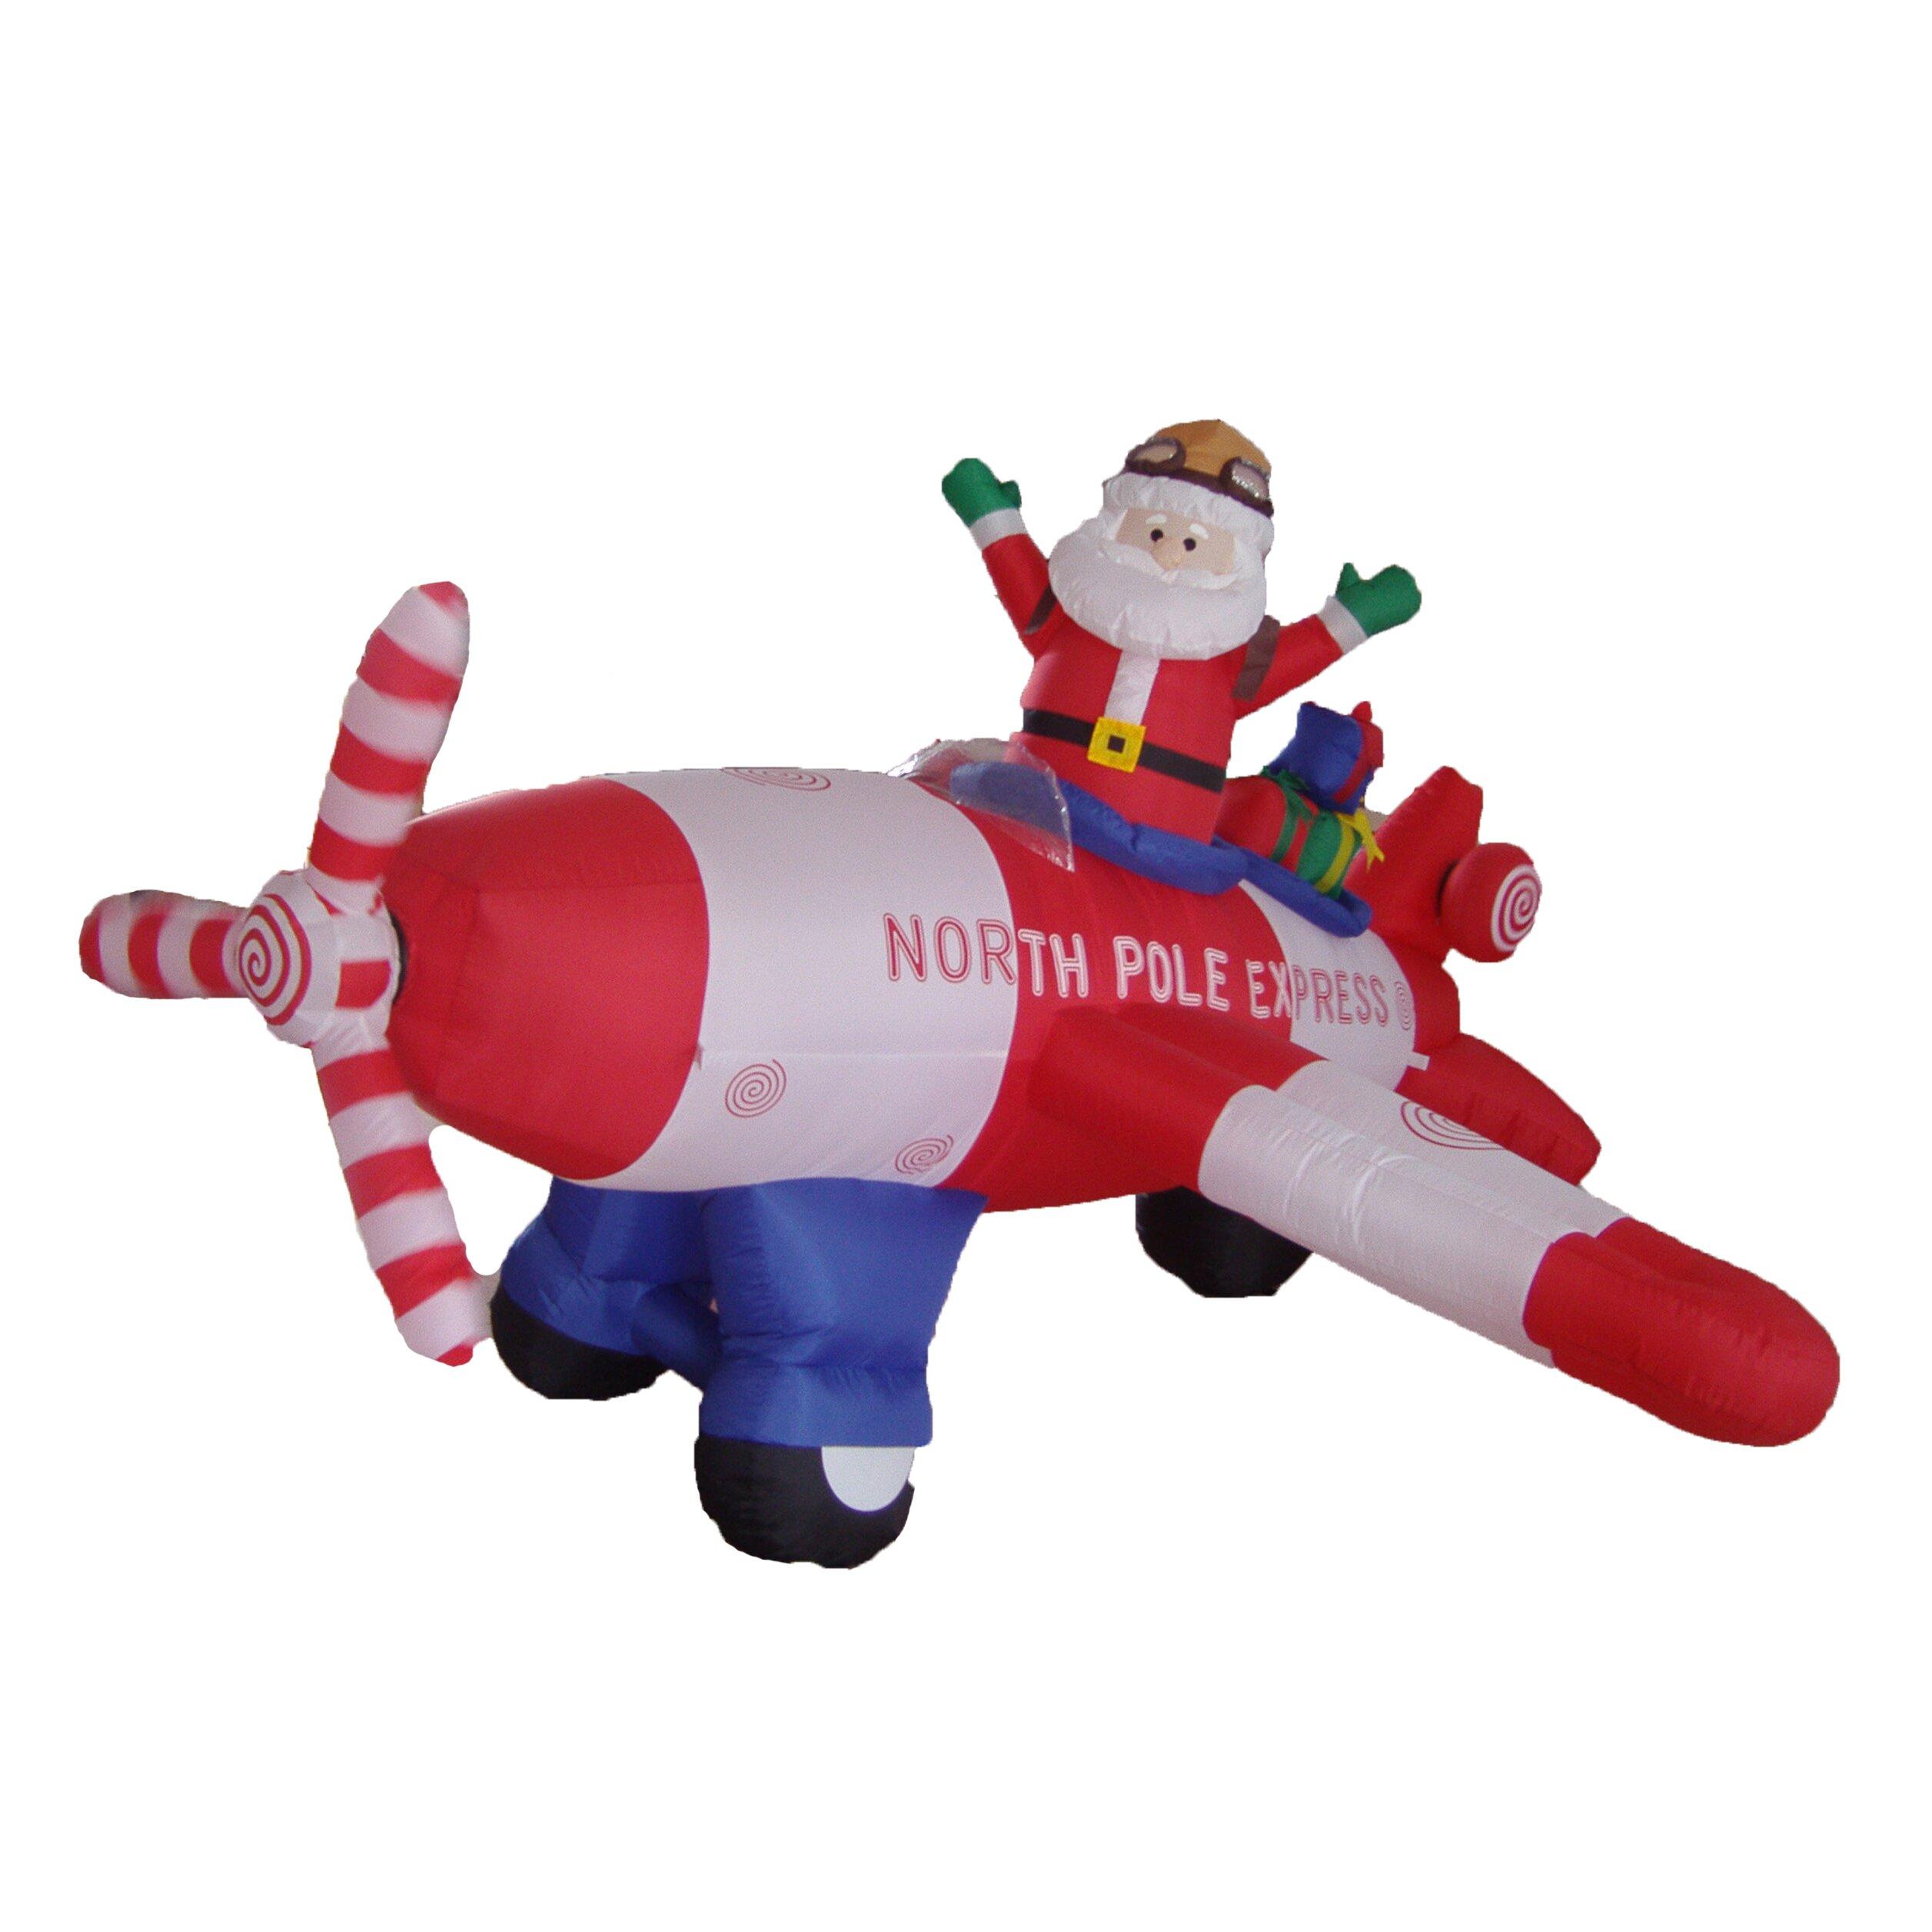 Bzb goods christmas inflatable animated santa claus for Animated santa claus decoration